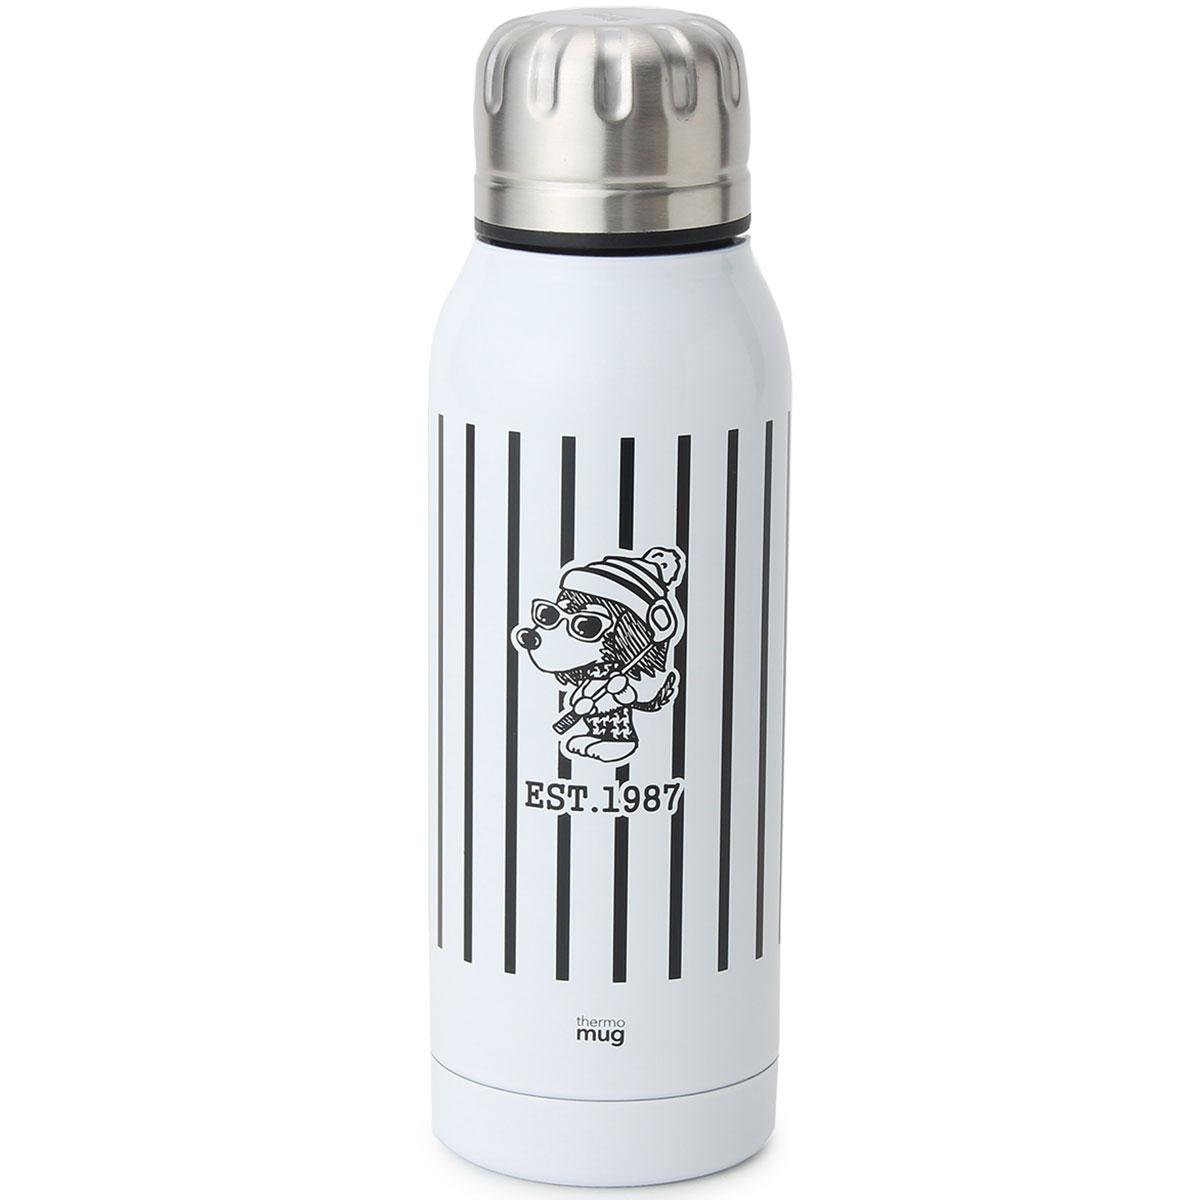 アシストくんthermo mug(サーモ マグ)ボトル